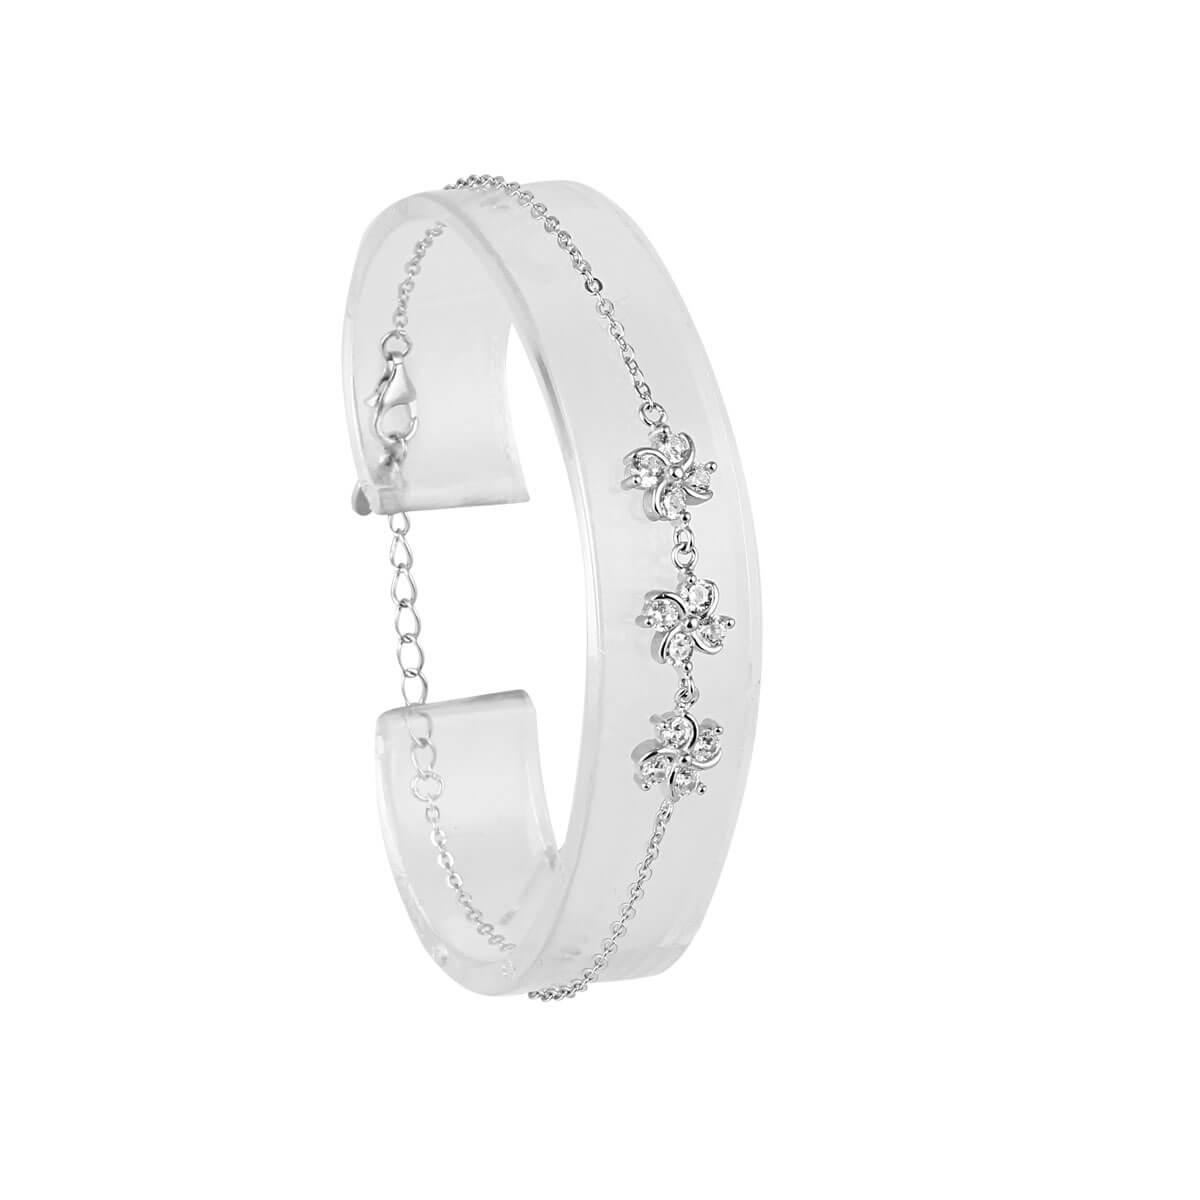 قیمت و خرید دستبند نقره زنانه نگین دار مدل شمامه